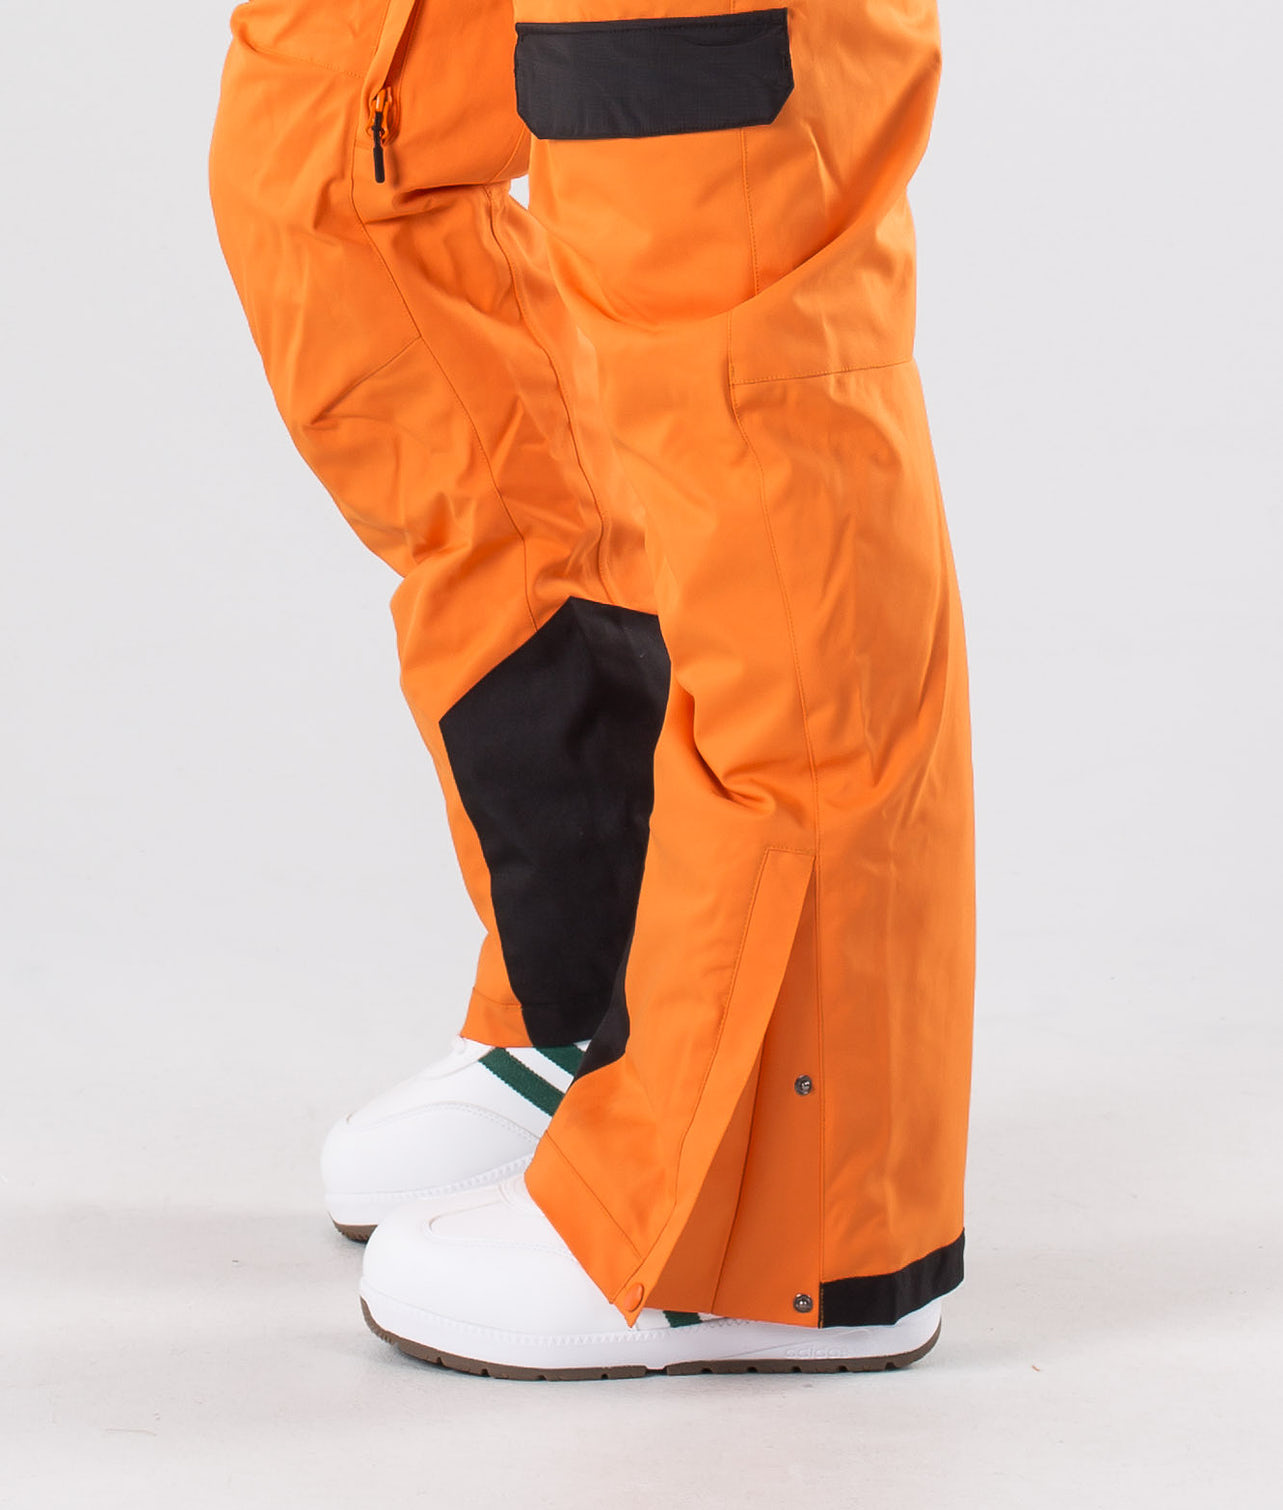 Kjøp Revive Snowboardbukse fra Rip Curl på Ridestore.no - Hos oss har du alltid fri frakt, fri retur og 30 dagers åpent kjøp!